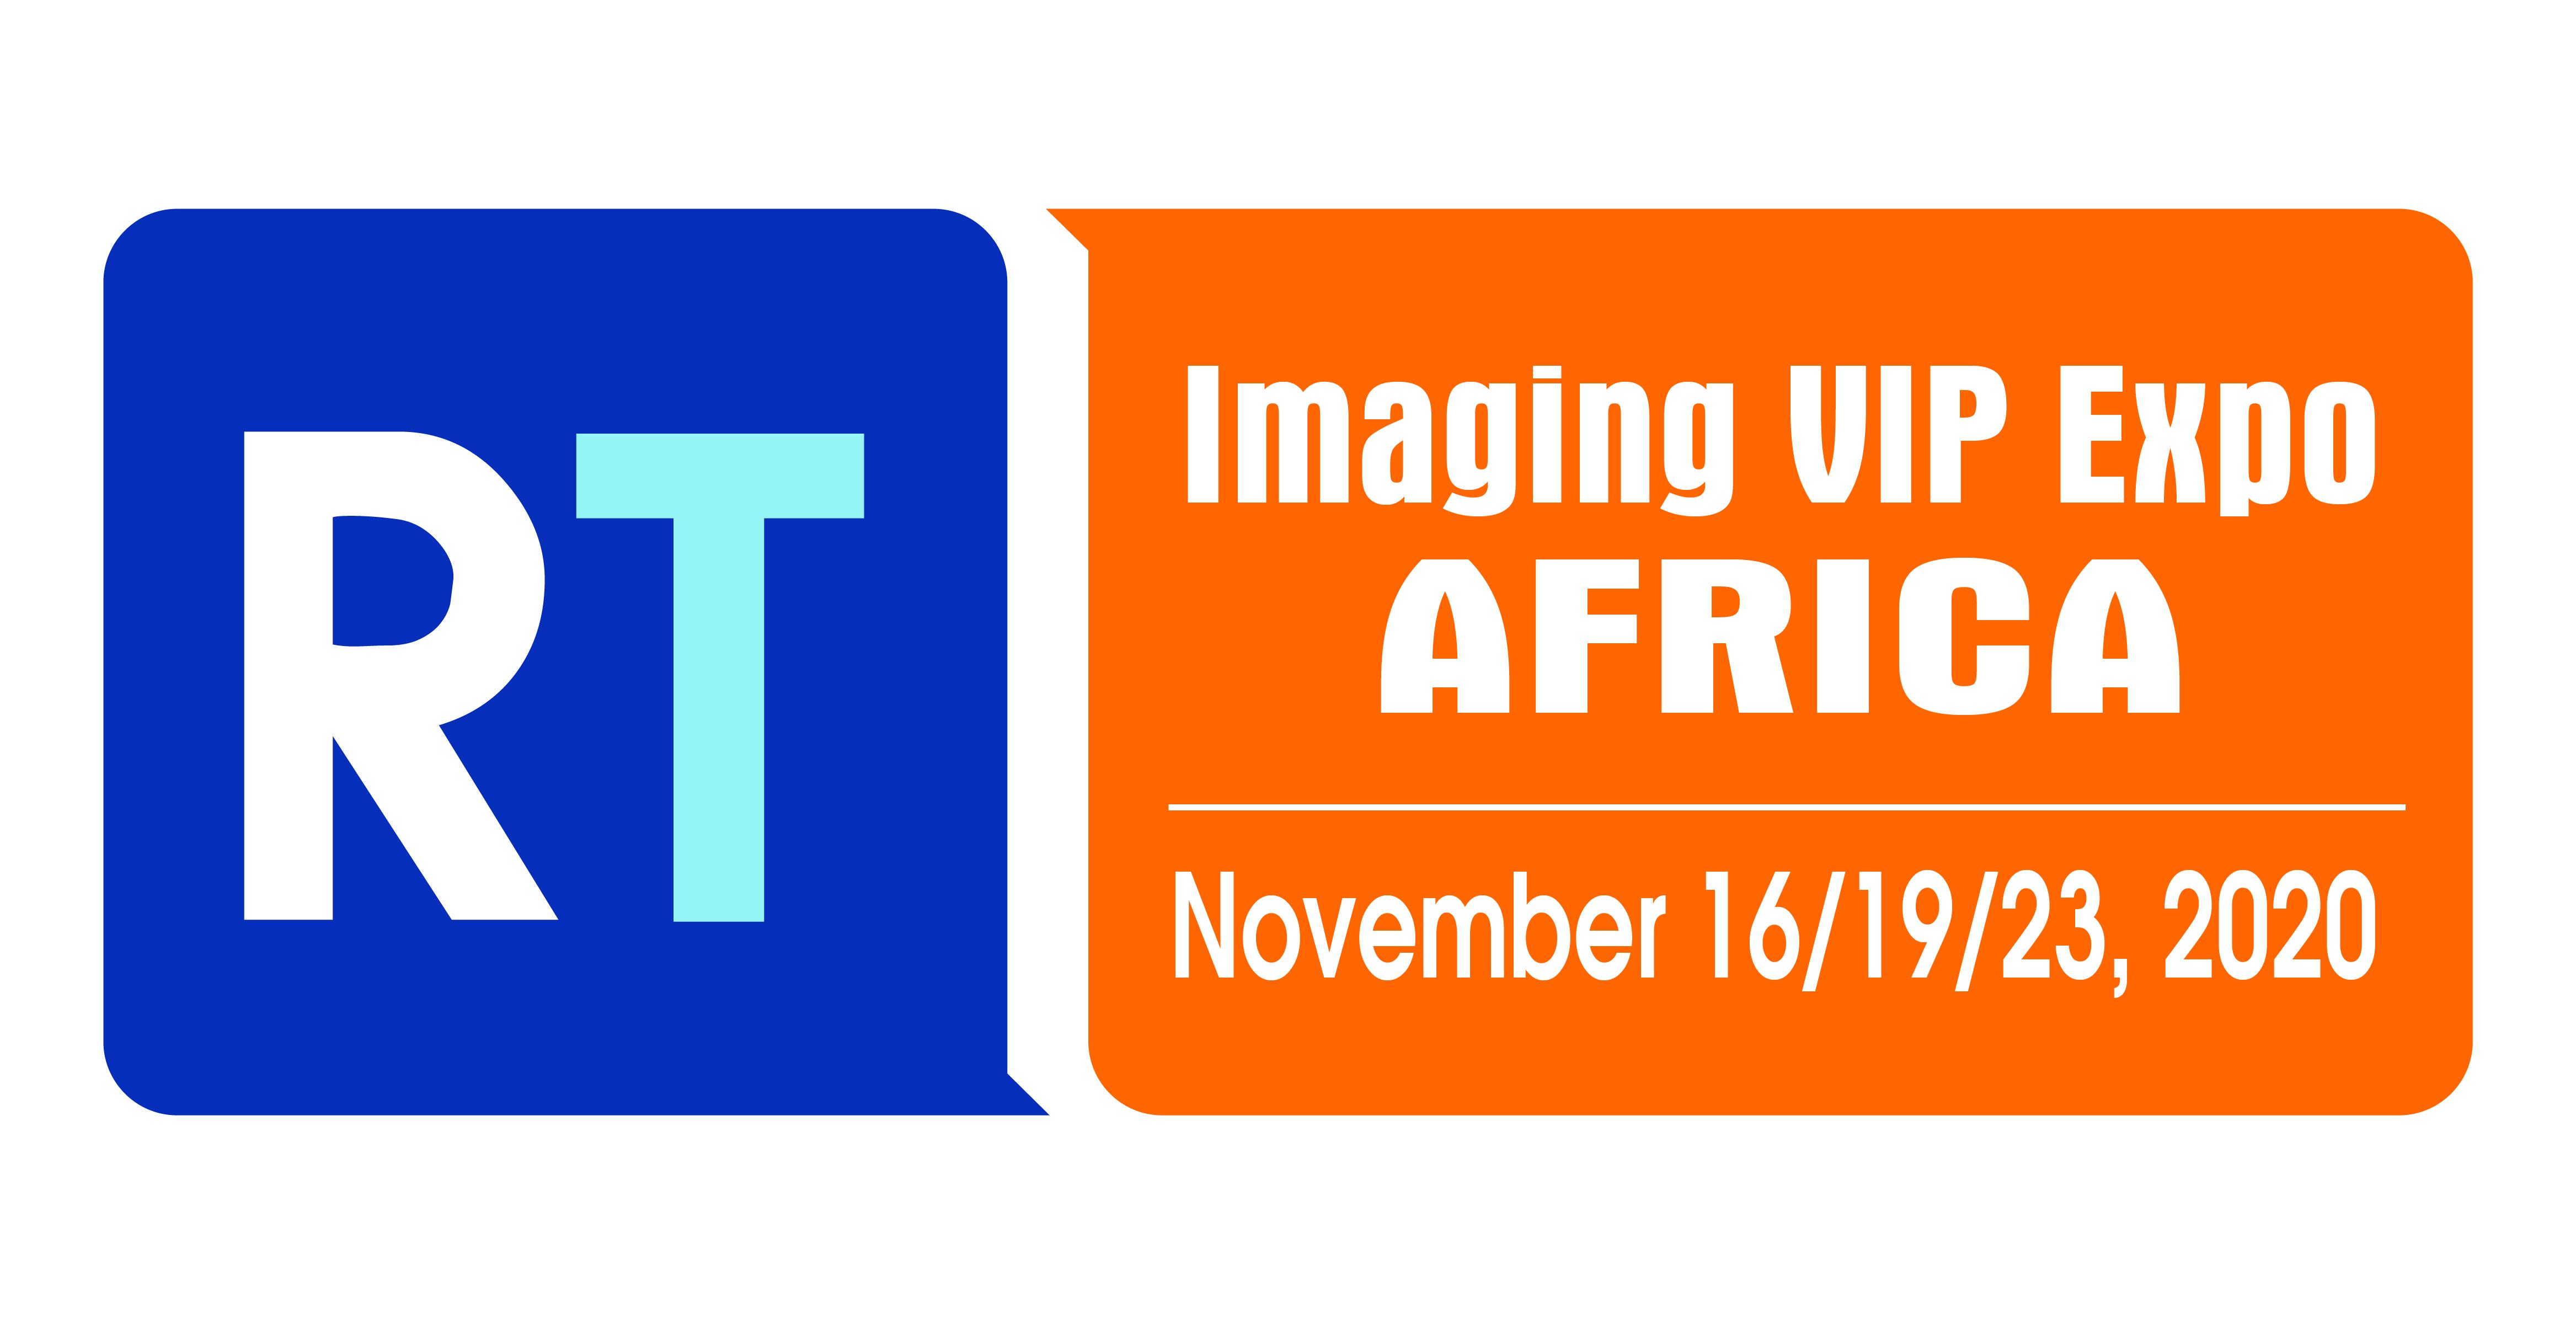 rt,imaging,vip,expo,africa,2020,rtmworld